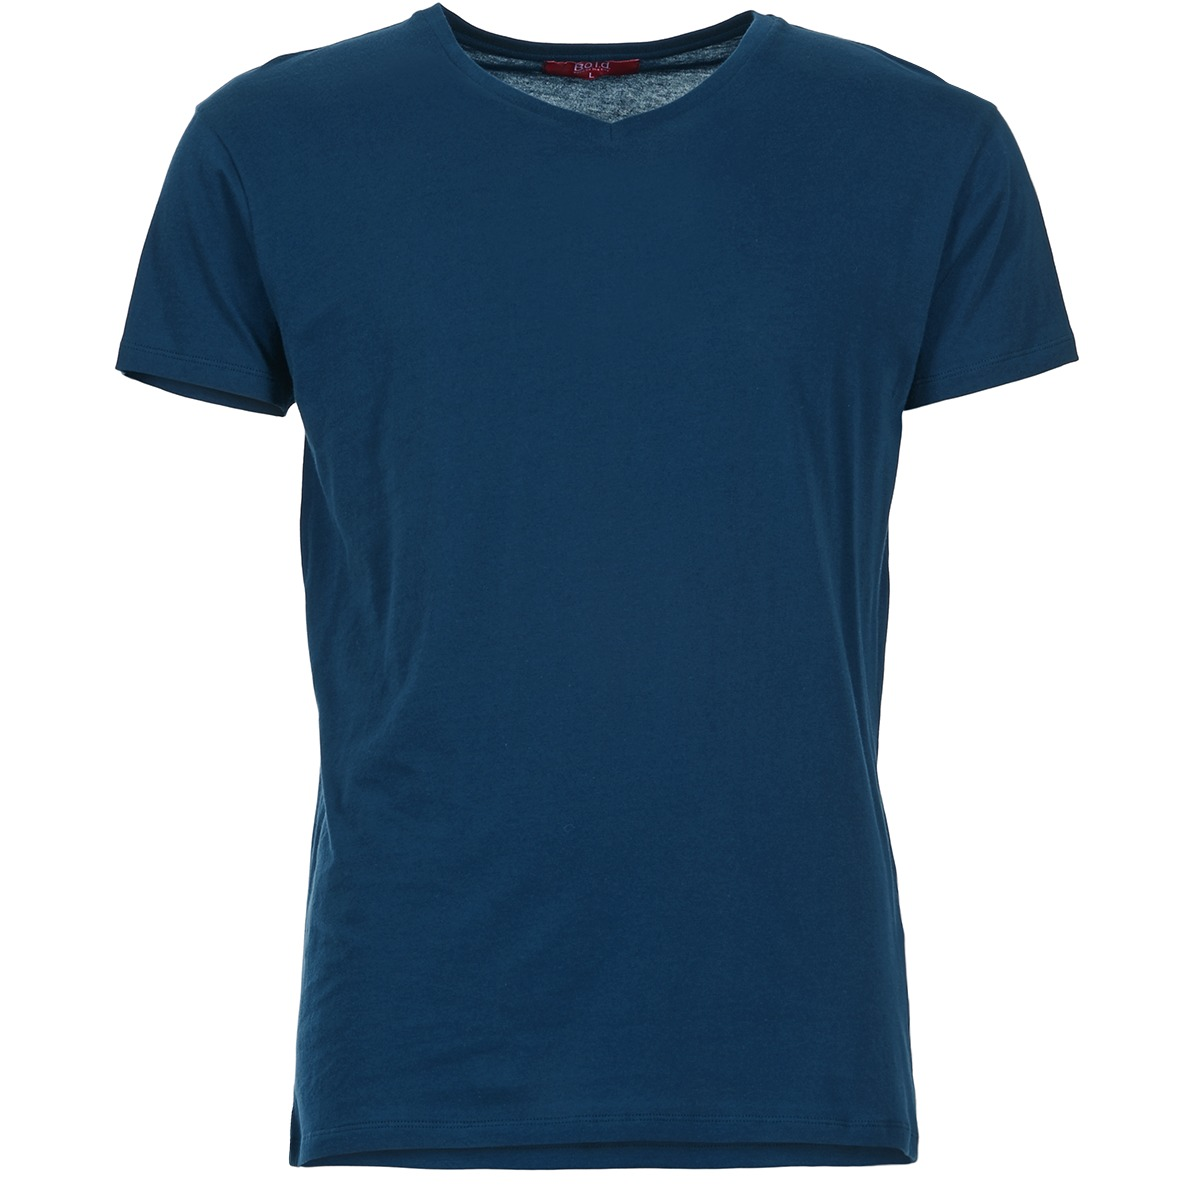 f655cab6f3c5 T-shirt με κοντά μανίκια BOTD ECALORA Σύνθεση  Βαμβάκι